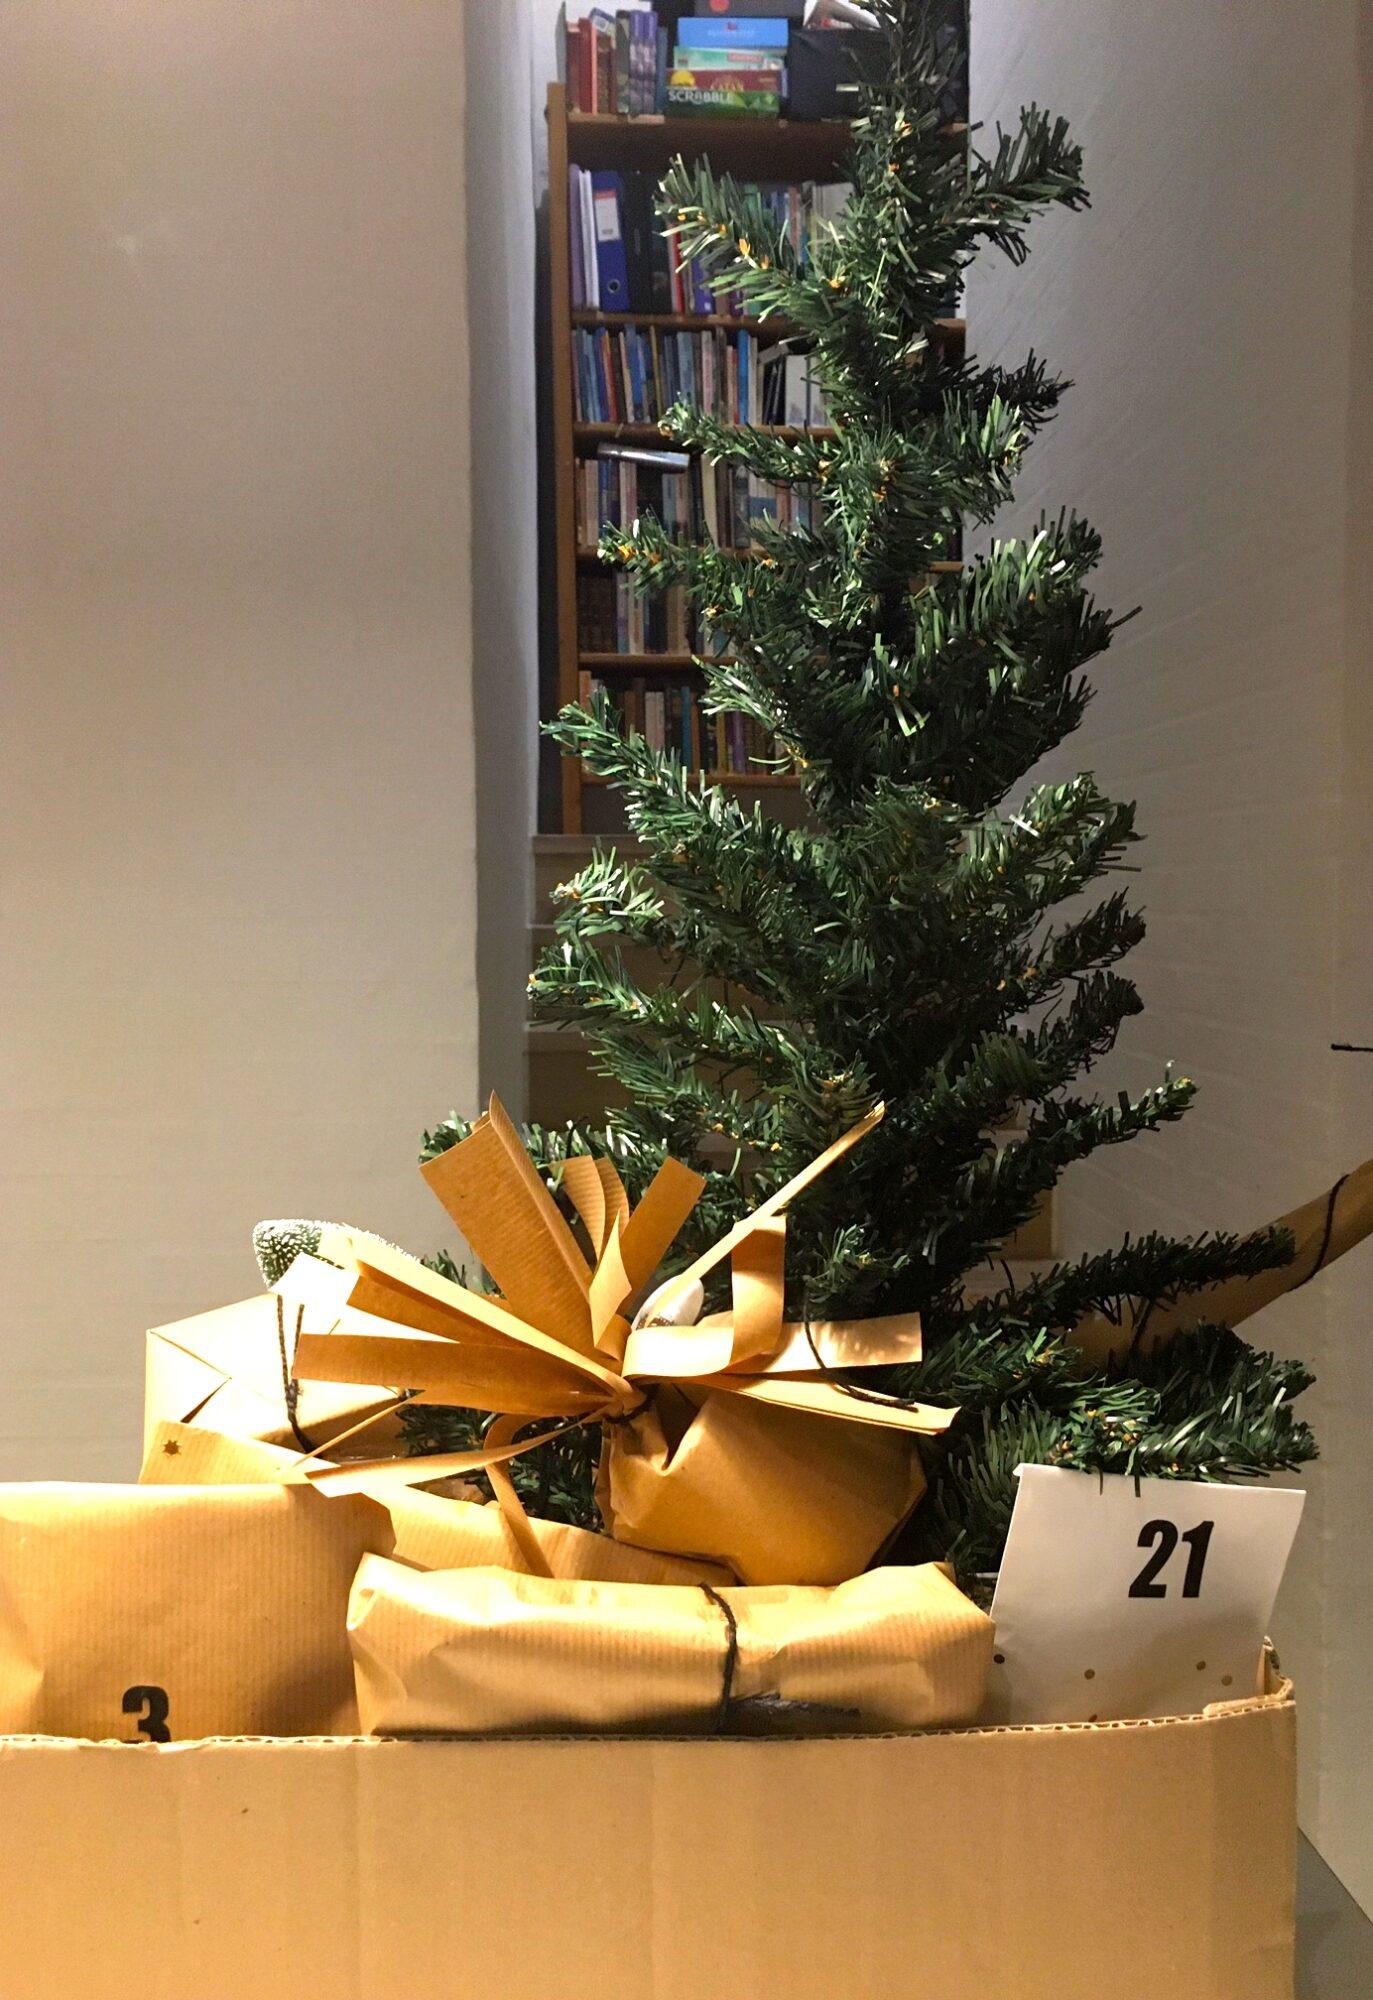 Juletræspakkekalender klar til afgang